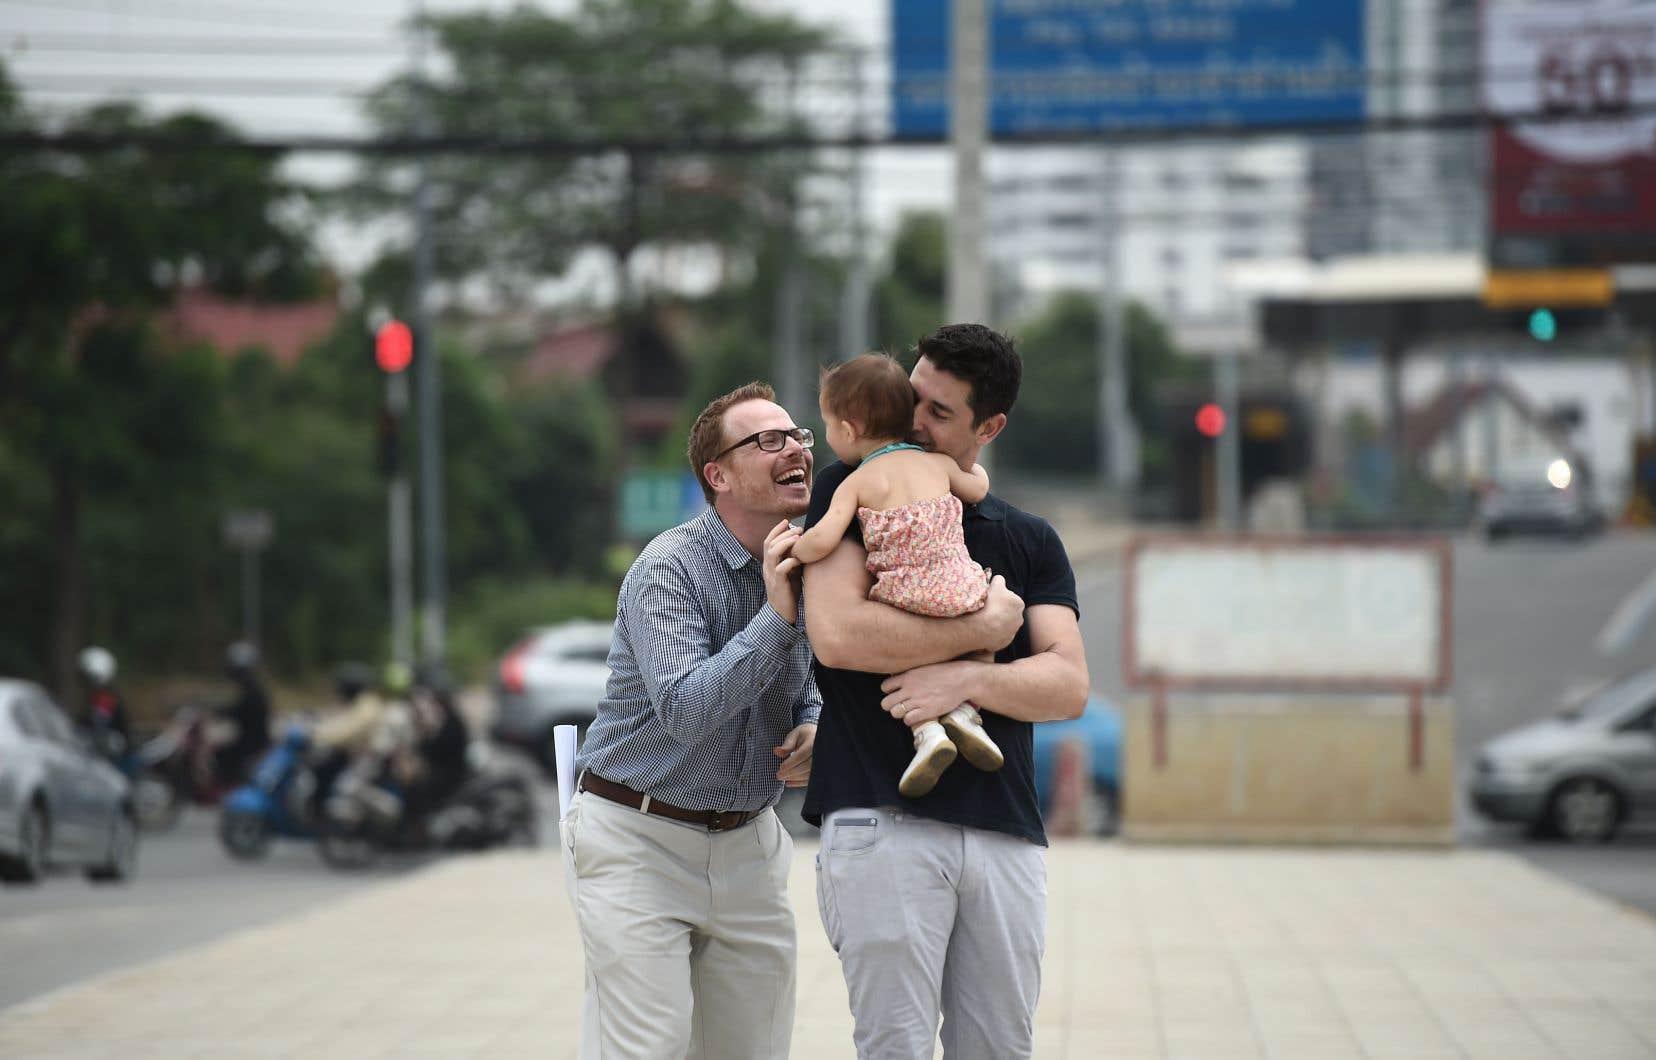 L'étude a porté sur 46 familles homoparentales.